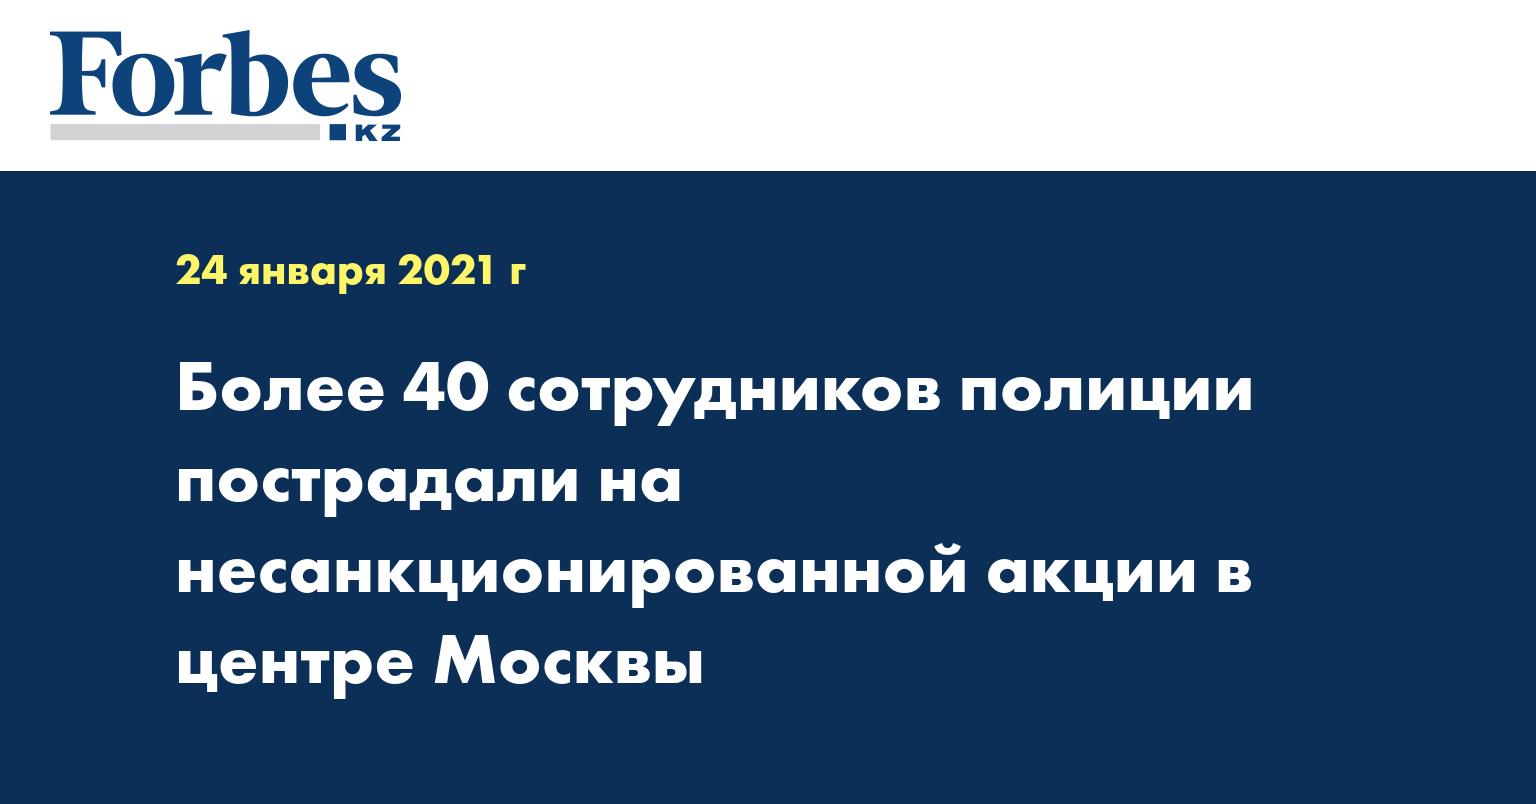 Более 40 сотрудников полиции пострадали на несанкционированной акции в центре Москвы